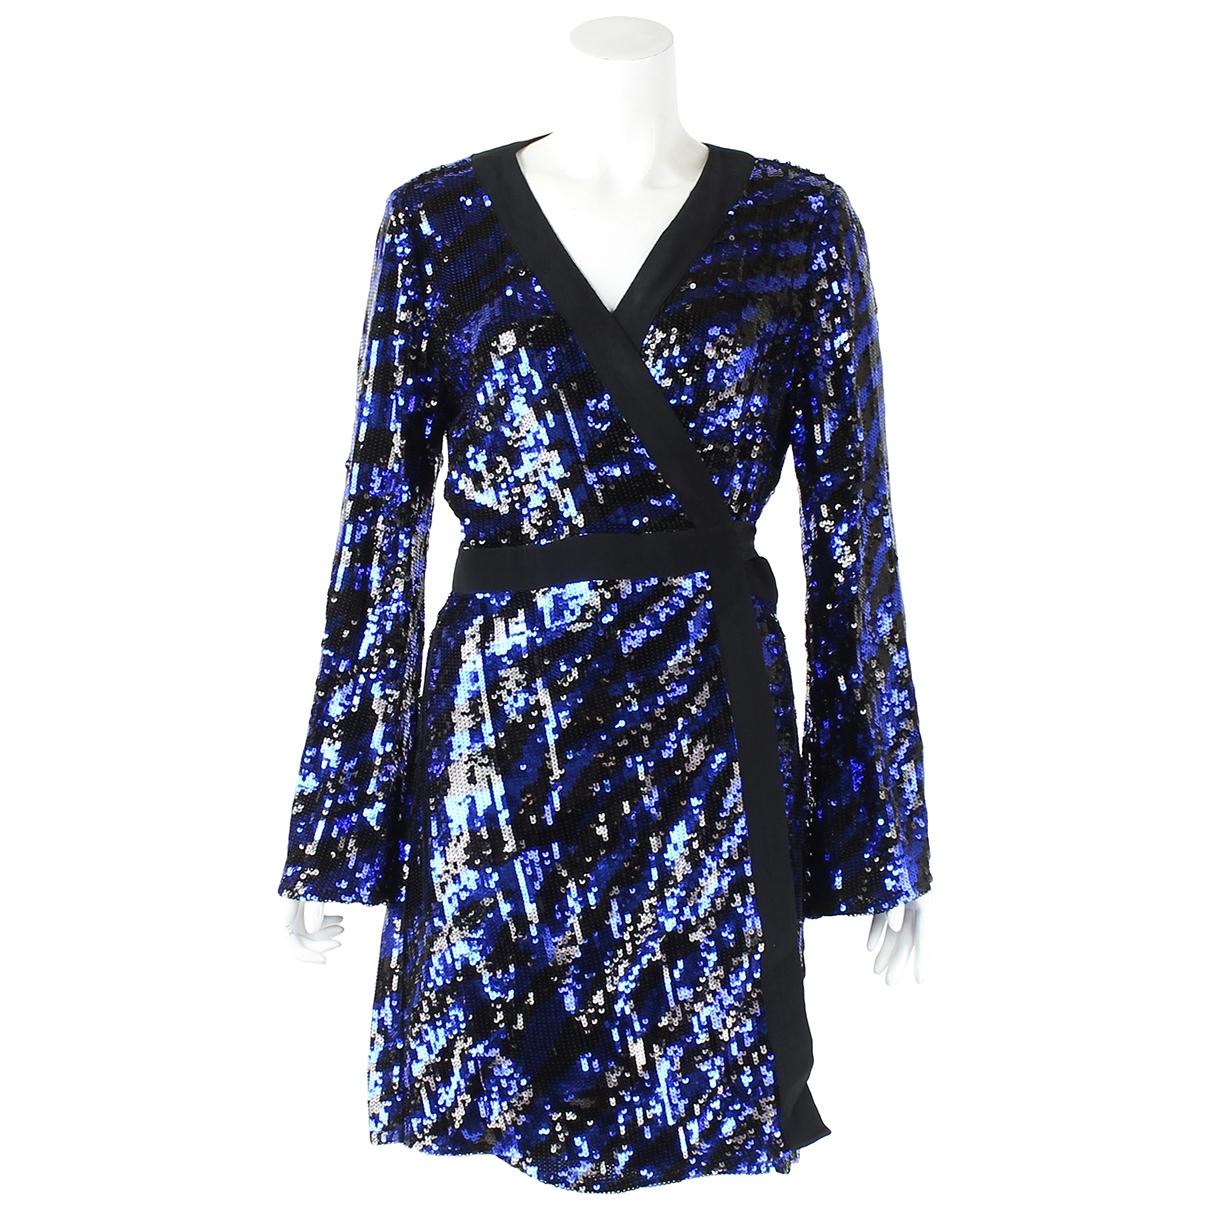 Rixo \N Blue Glitter dress for Women 10 UK